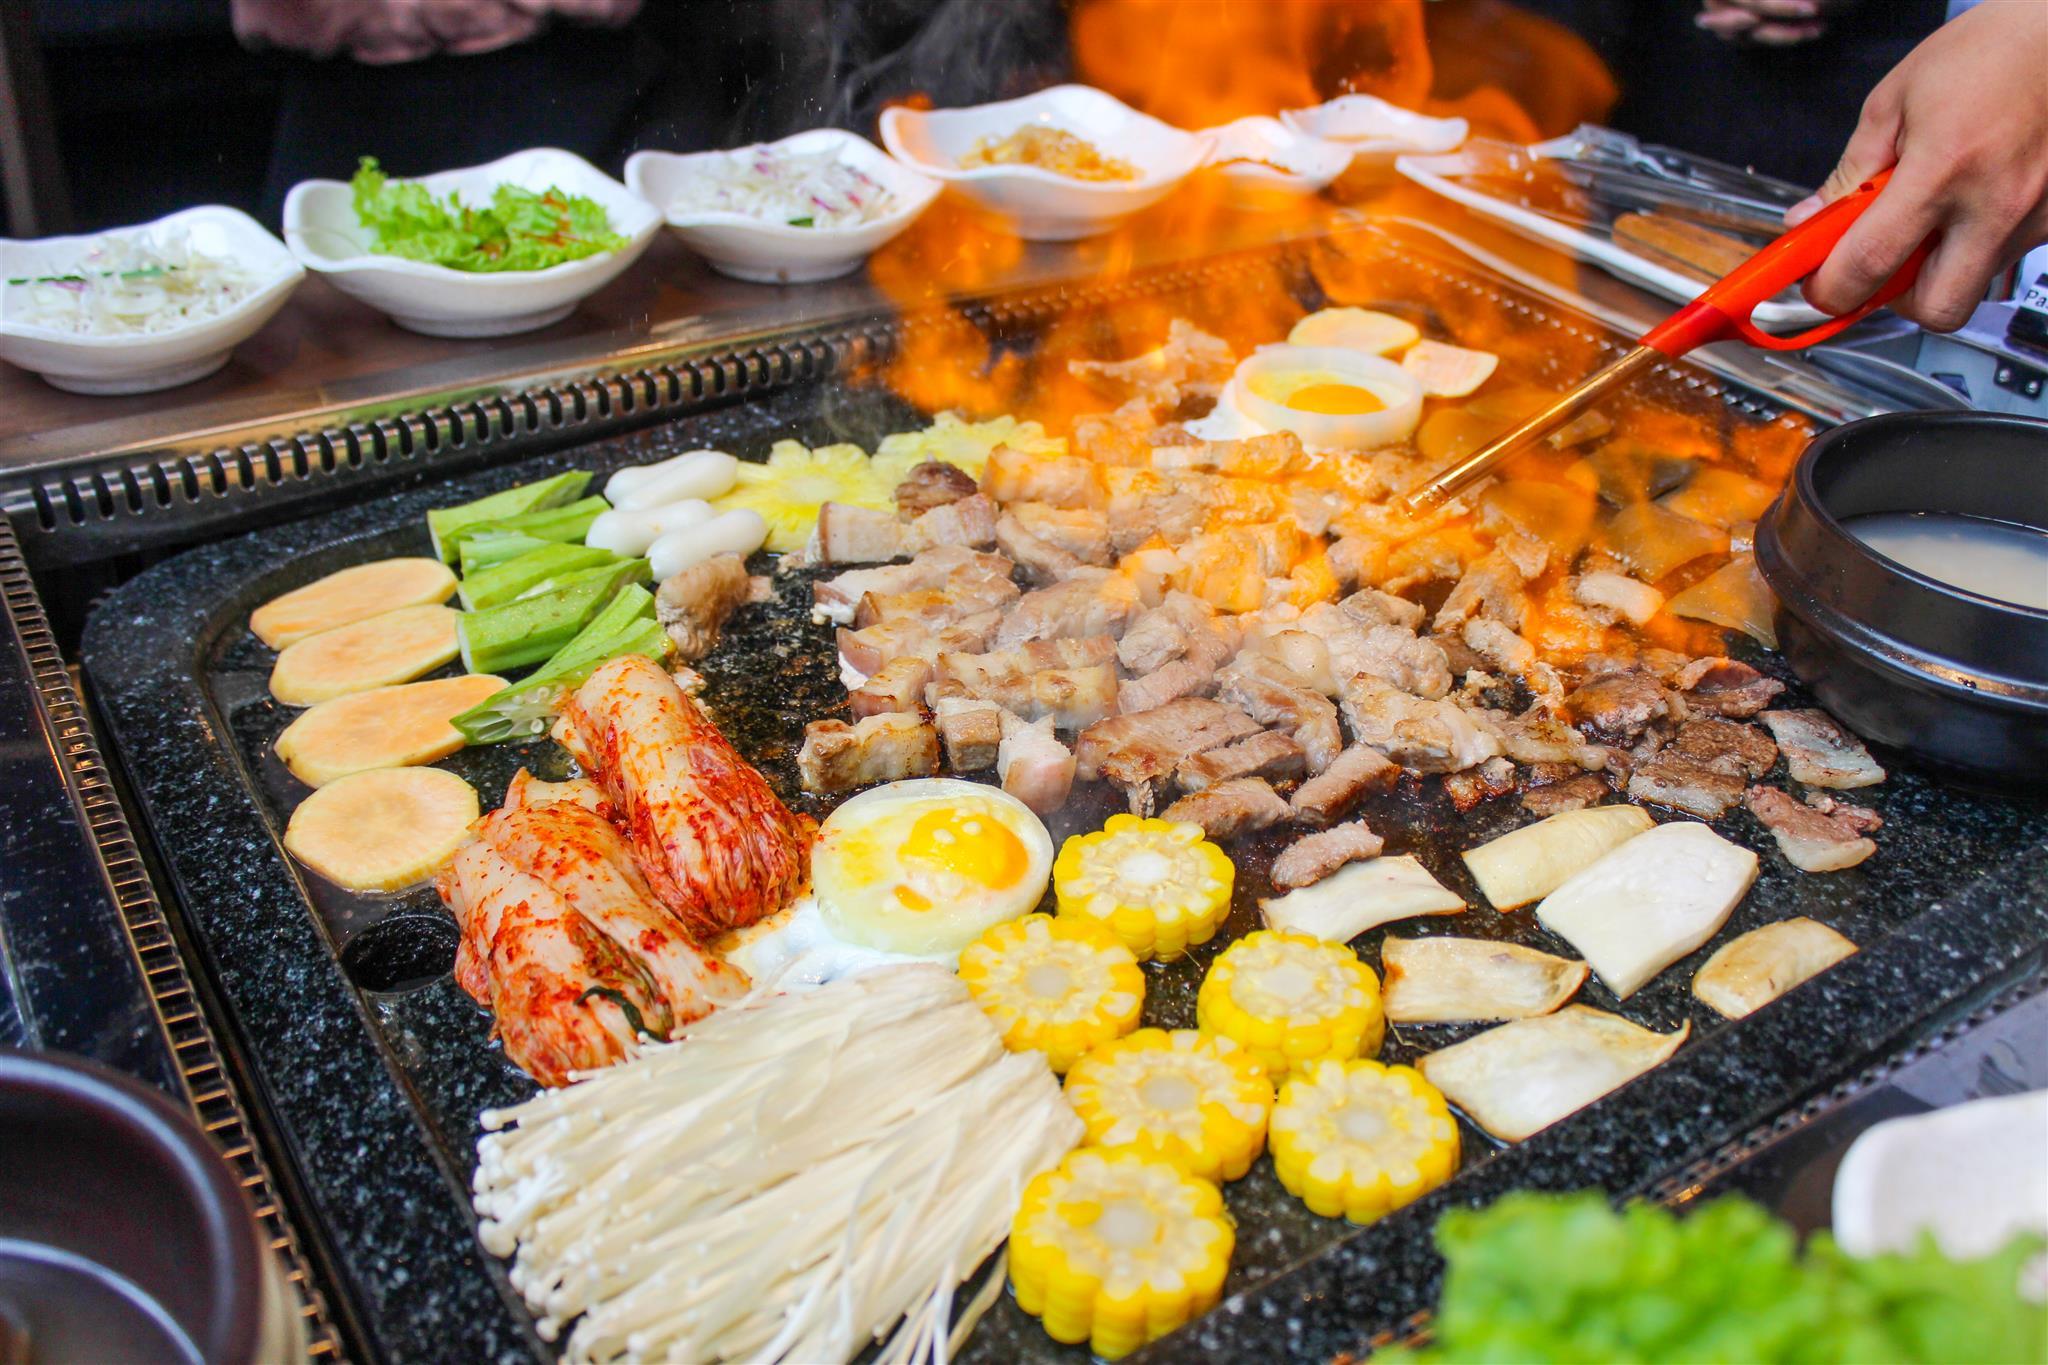 Thưởng thức buffet thịt nướng bàn đá độc đáo từ Hàn Quốc - Ảnh 5.